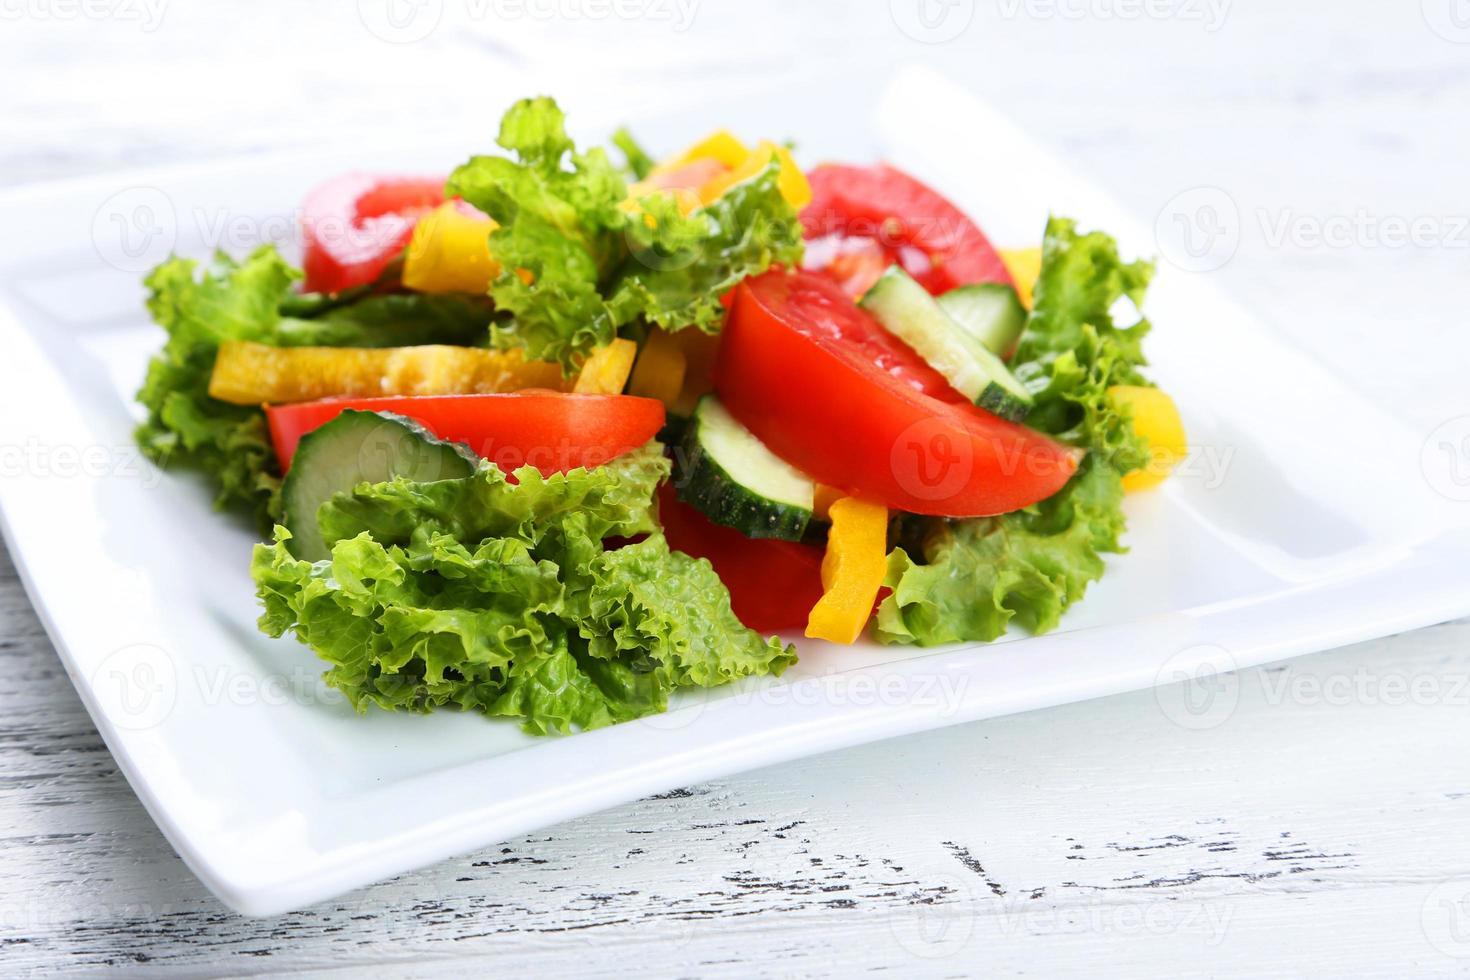 Ensalada de verduras frescas sobre fondo blanco de madera foto